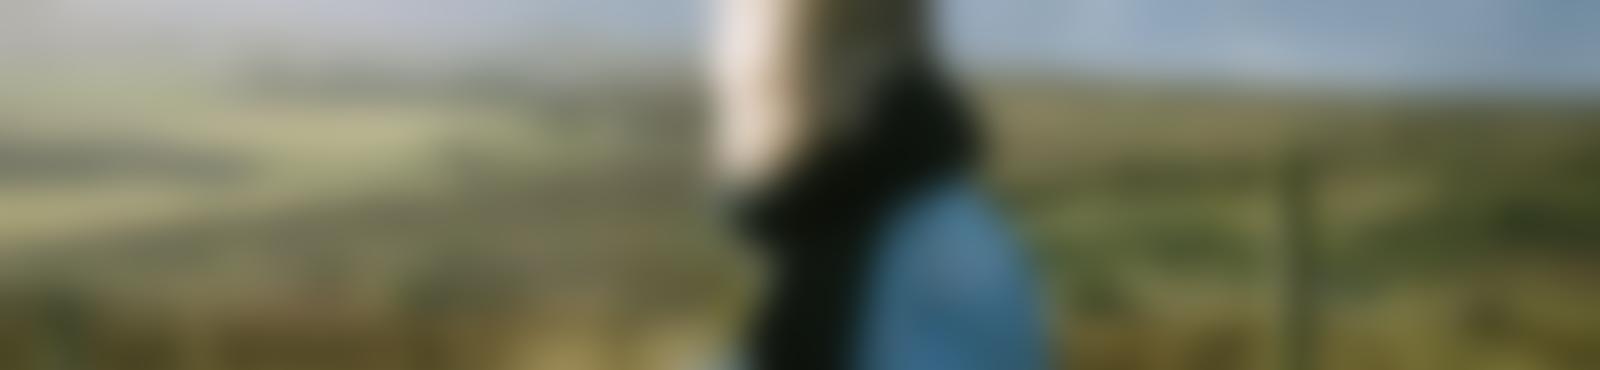 Blurred af3eaa03 910a 426e 857b e573c63cb331